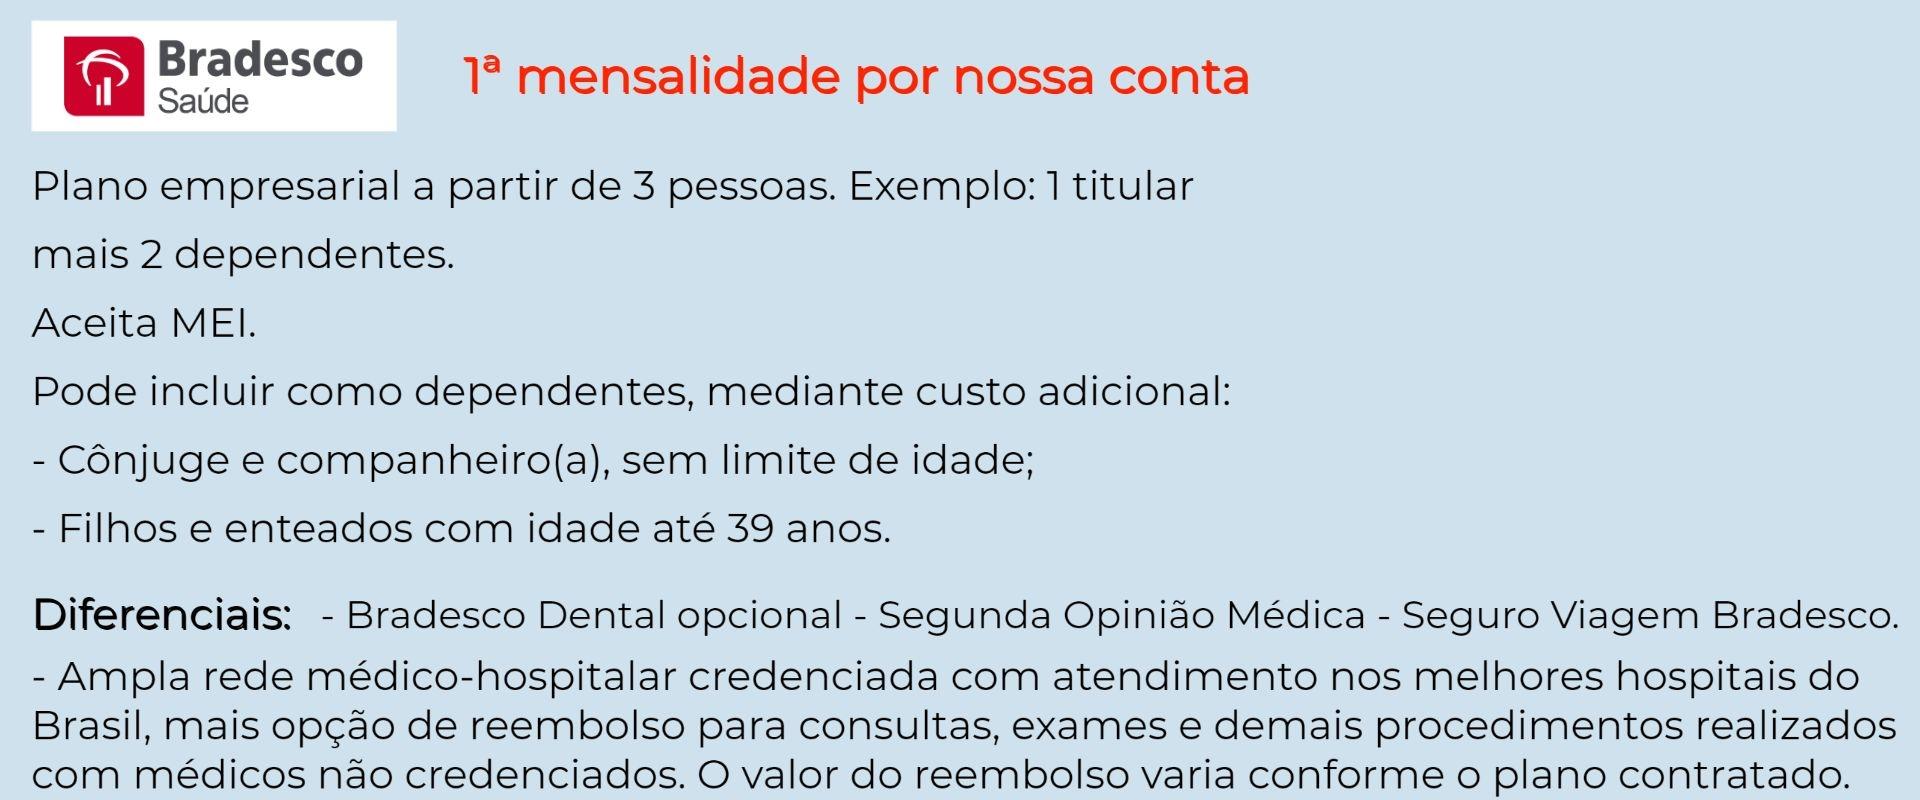 Bradesco Saúde Empresarial - Uruaçú